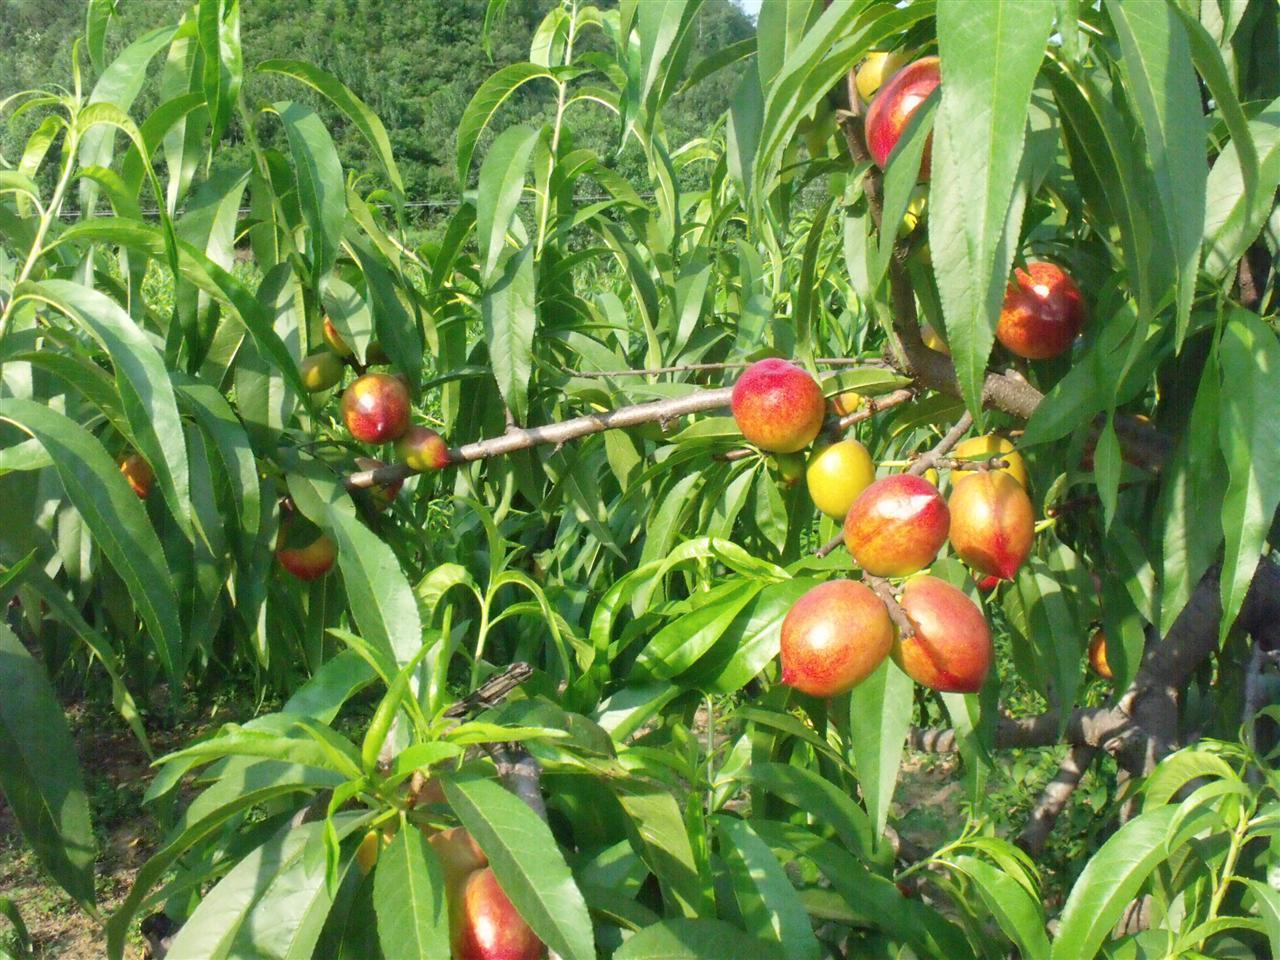 赤眉油桃正在不断上市中,以下是油桃地里实拍图片